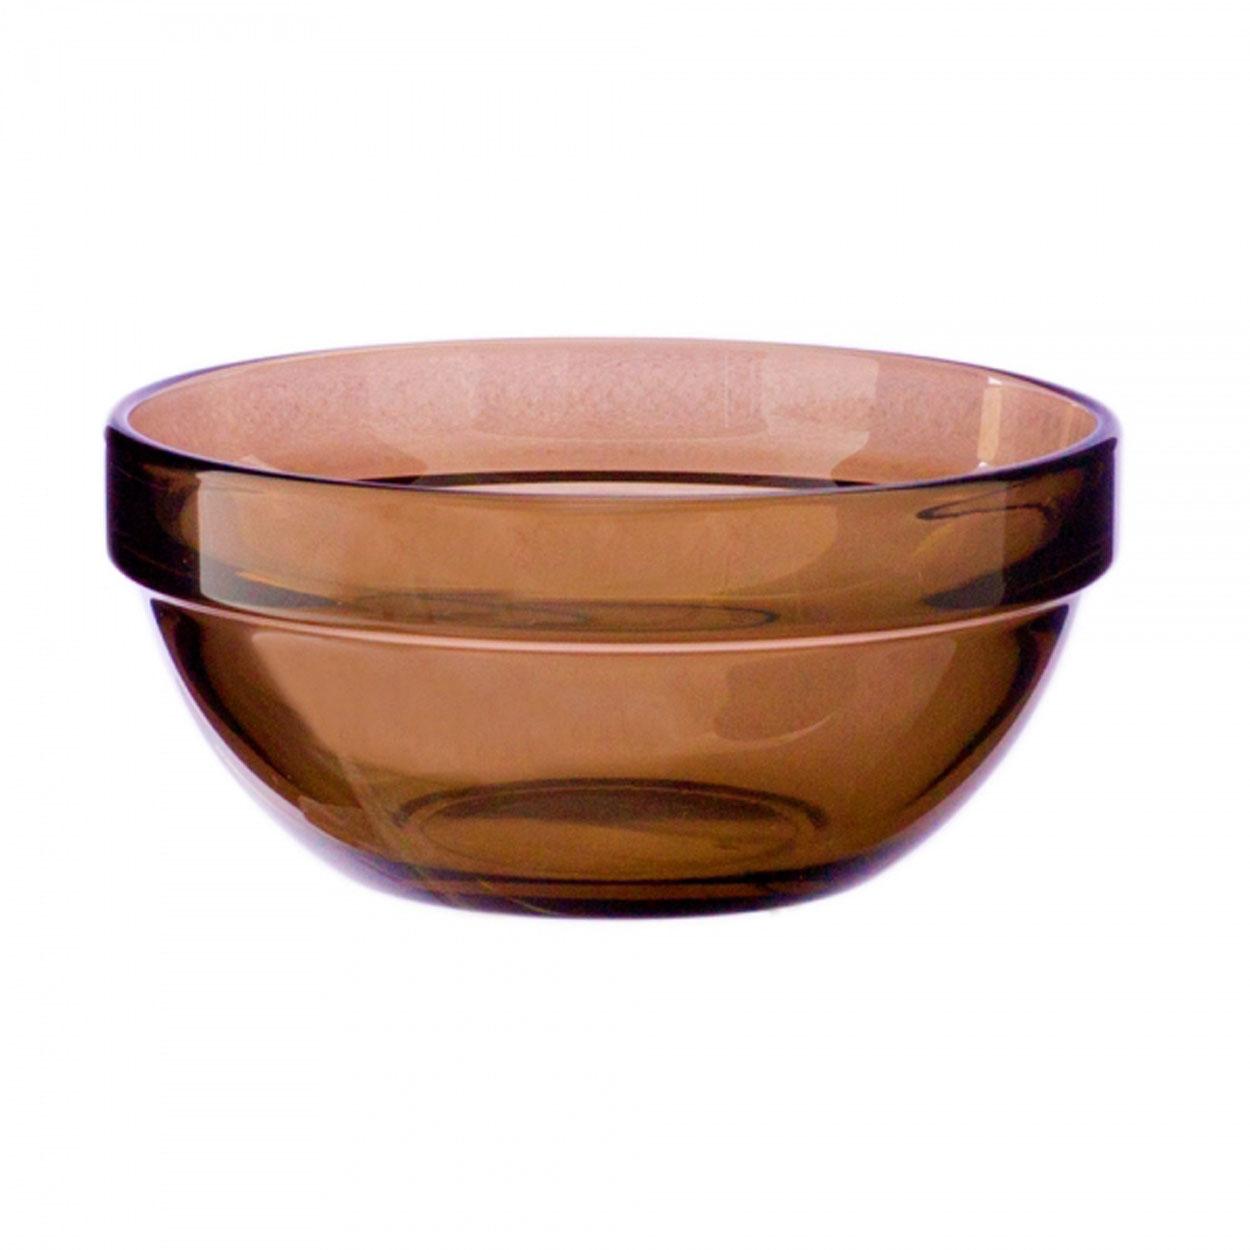 Салатник Luminarc Empilable Eclipse, диаметр 12 смH9991Салатник Luminarc Empilable Eclipse отлично подойдет для подачи салатов из свежих овощей и фруктов, а также для слоеных салатов, насыщая каждого участника трапезы полезными витаминами. Простой и универсальный салатник на каждый день изготовлен из качественного стекла, безопасен при контакте с пищевыми продуктами, не выделяет вредных веществ. Можно мыть в посудомоечной машине и использовать в СВЧ. Диаметр салатника: 12 см. Высота салатника: 5,5 см.